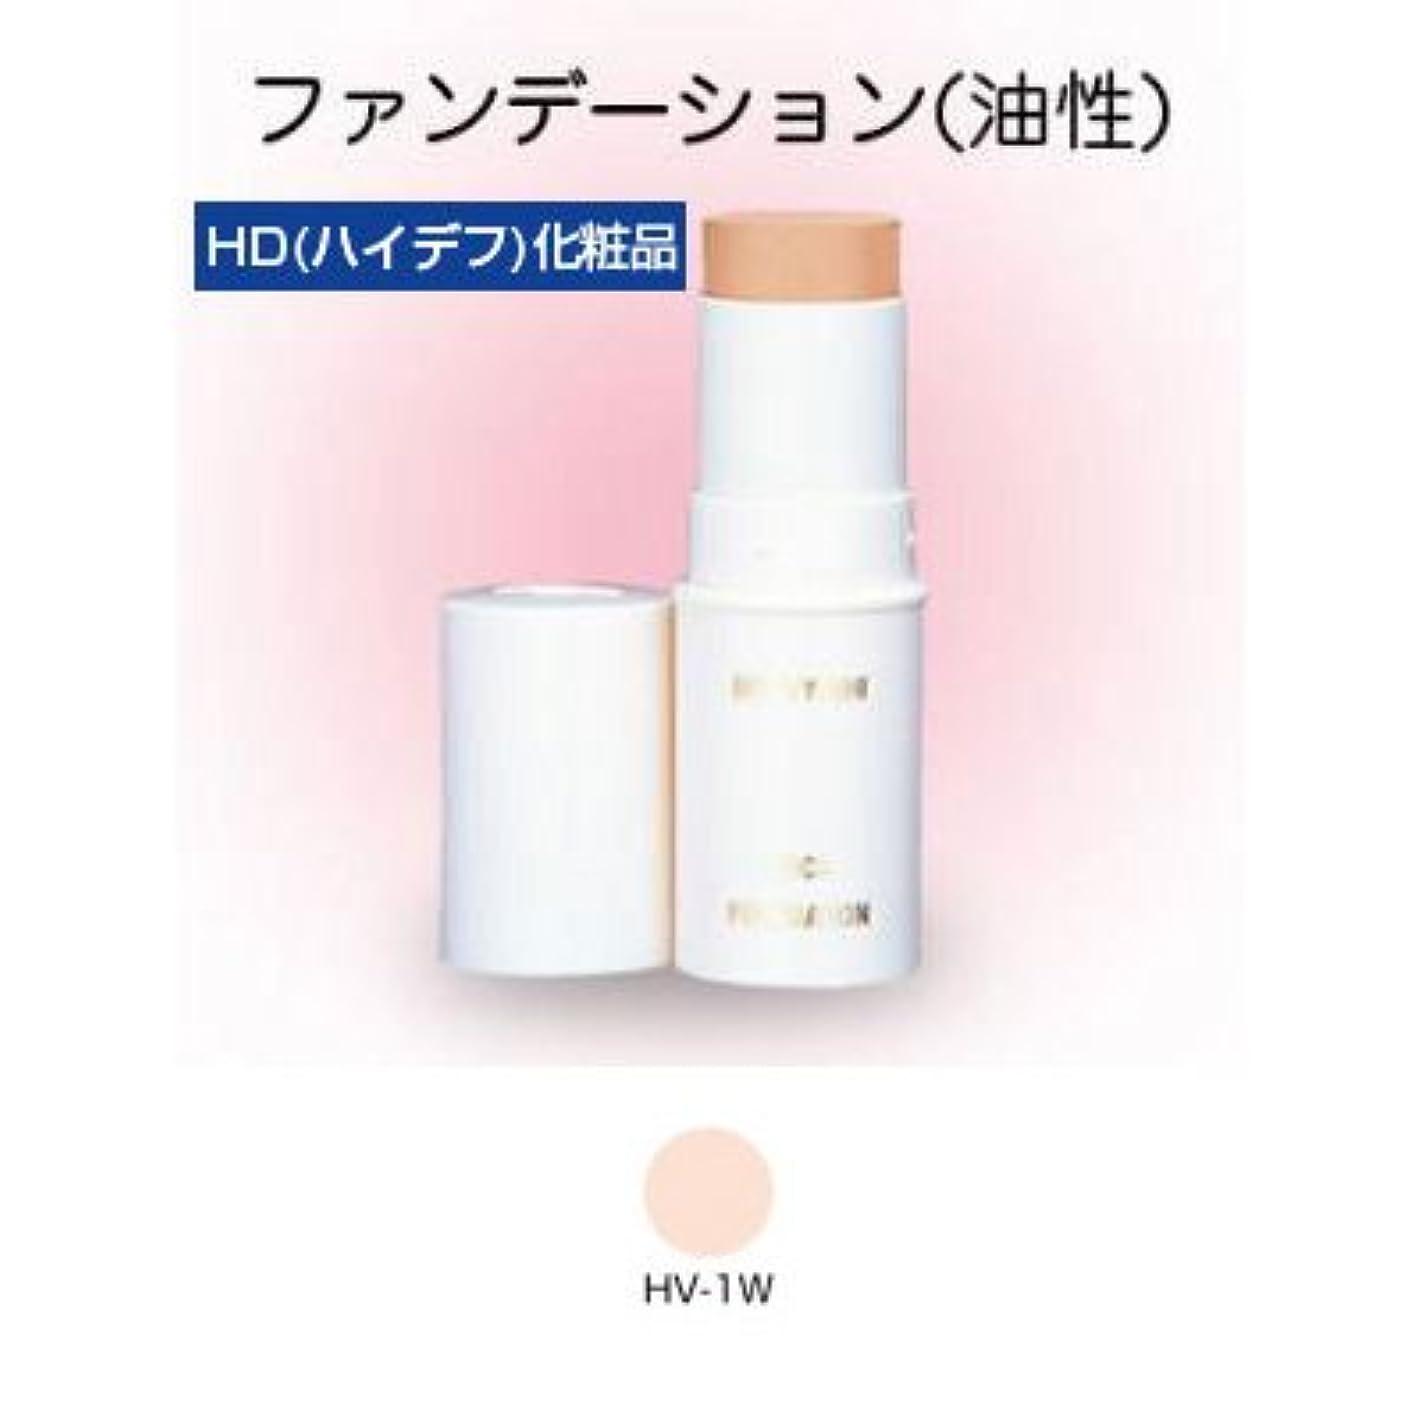 明日フォアタイプ大洪水スティックファンデーション HD化粧品 17g 1W 【三善】